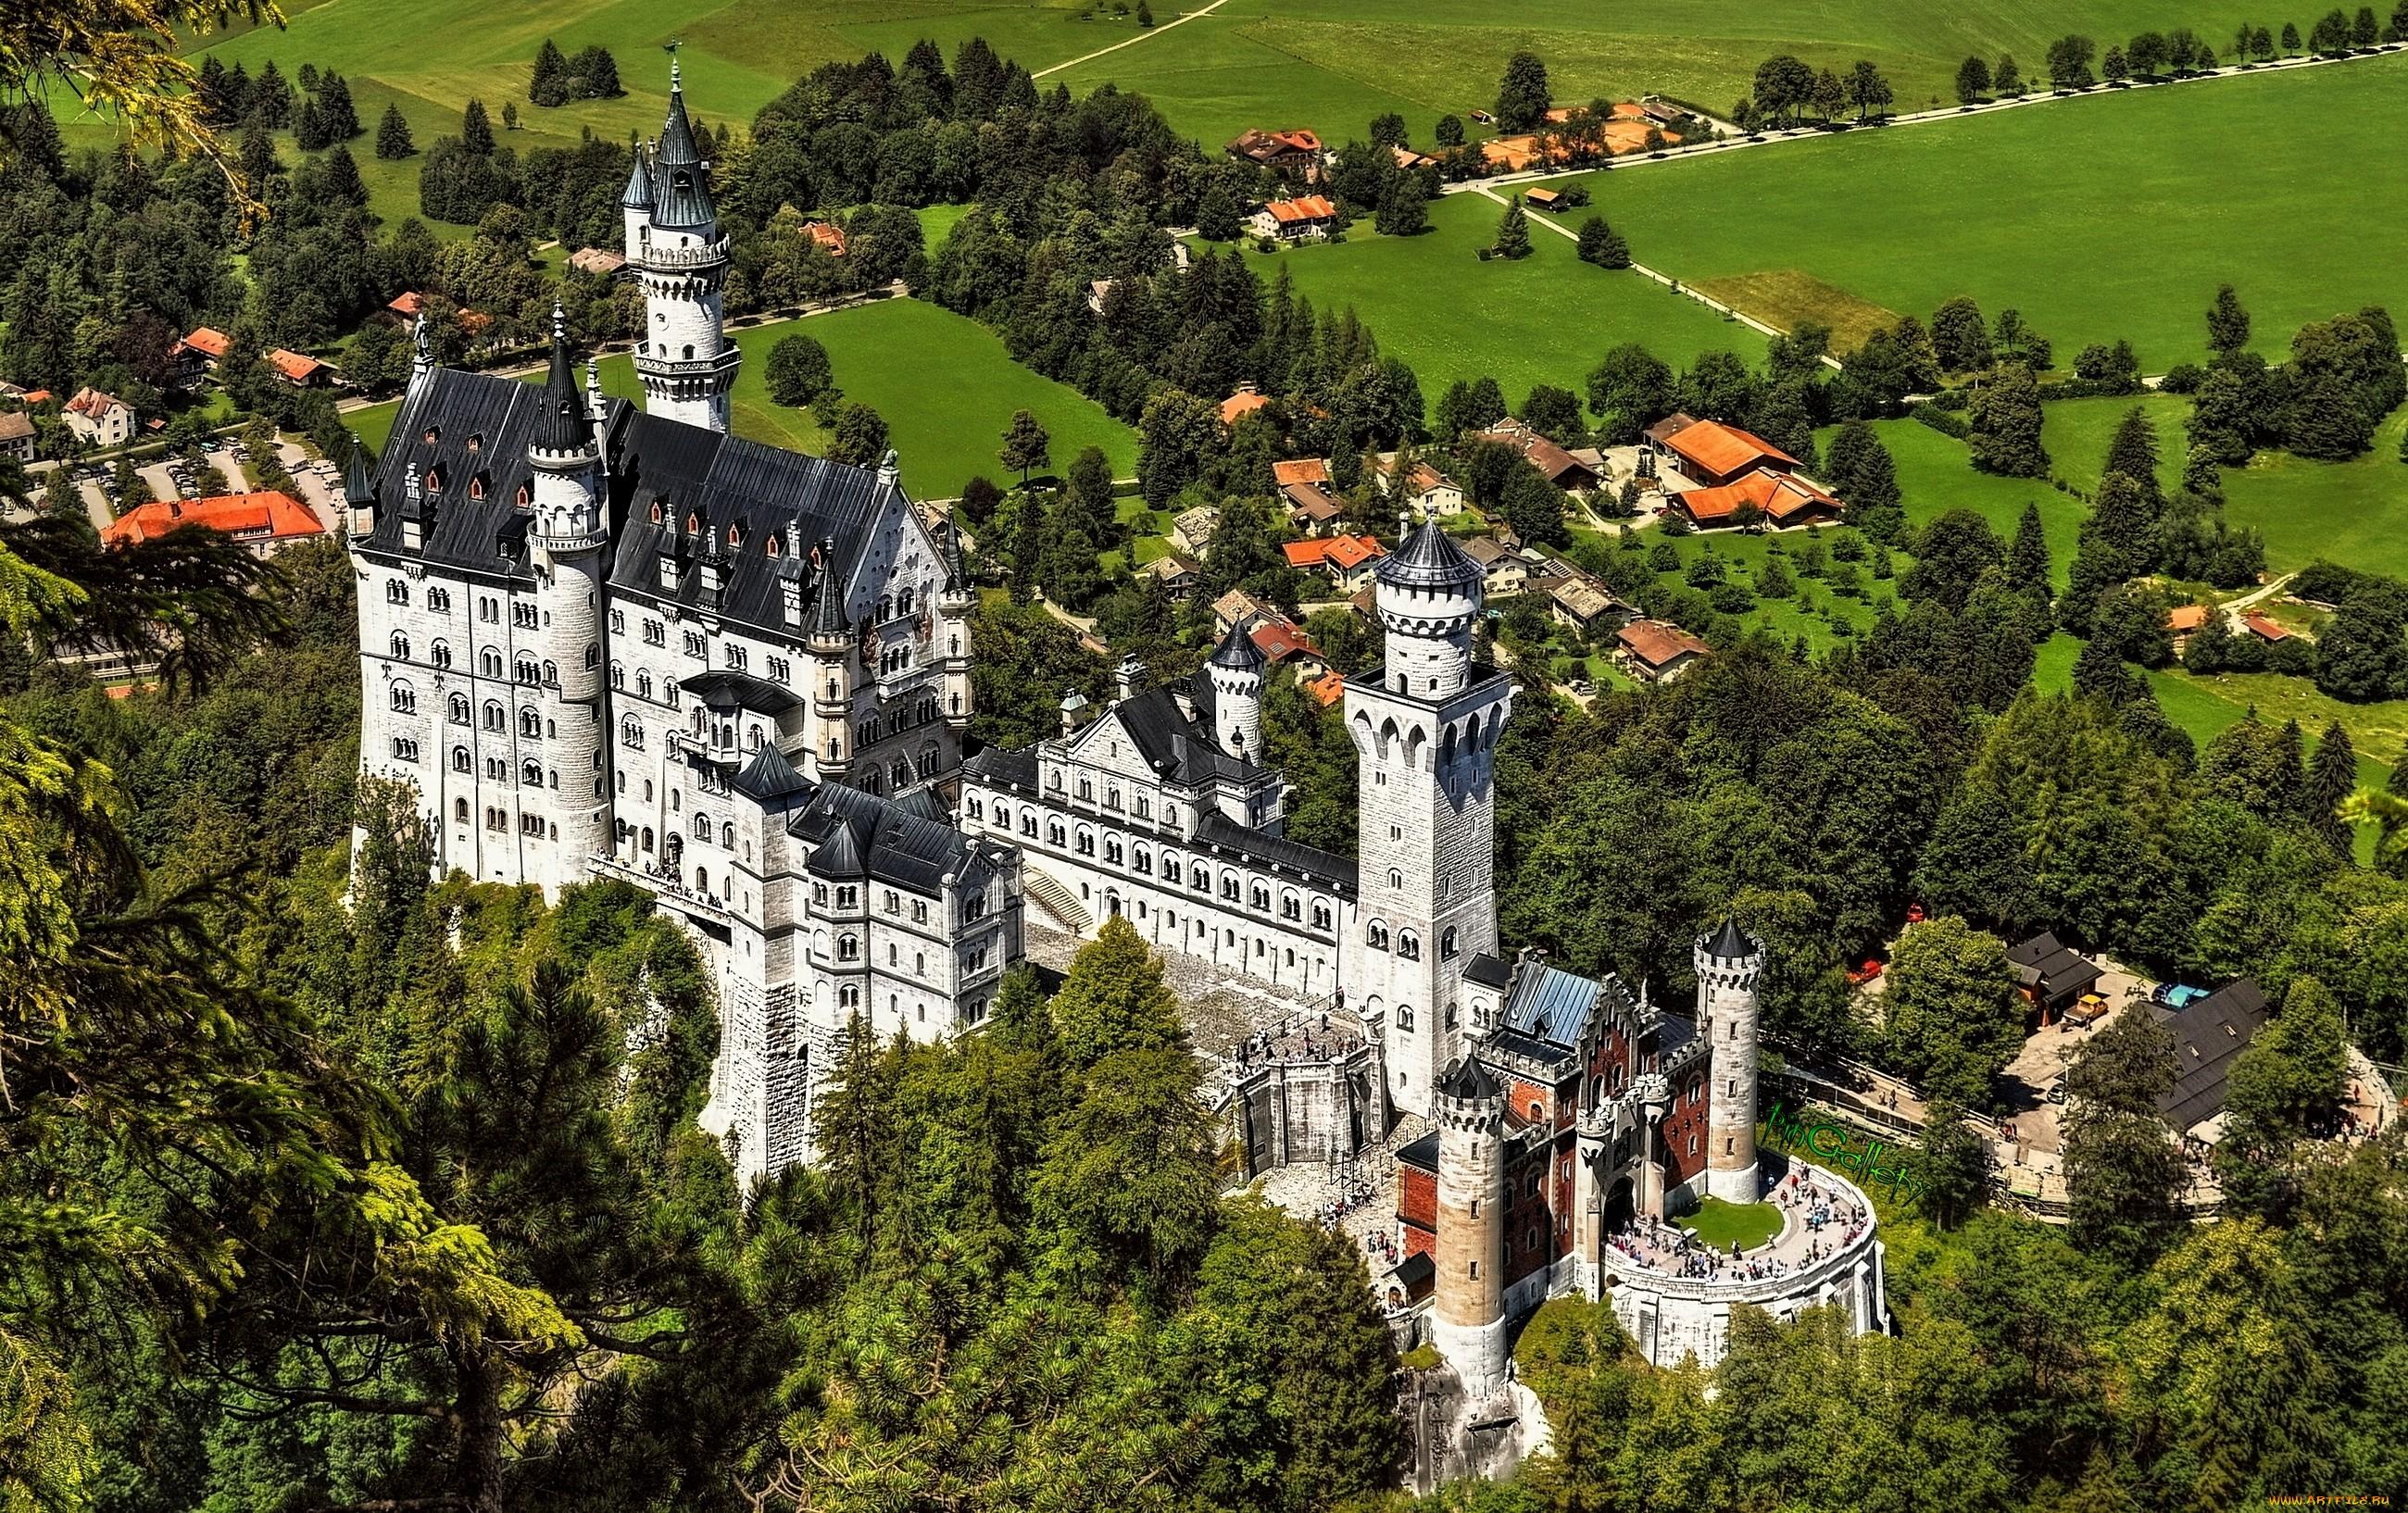 страны архитектура Собор Трир Германия скачать